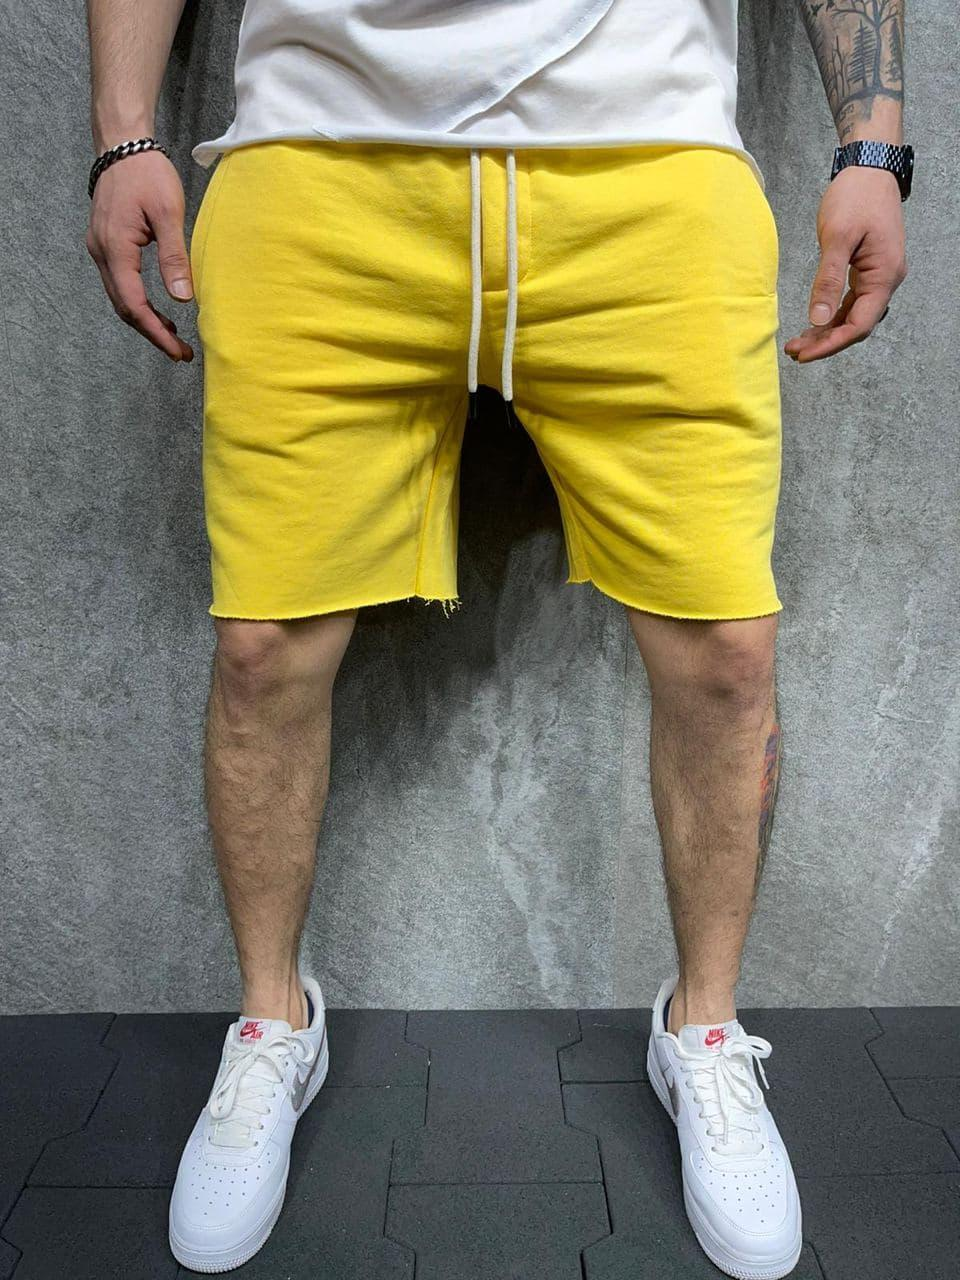 😜 Шорти - Чоловічі шорти / чоловічі шорти на літо спортивні жовті